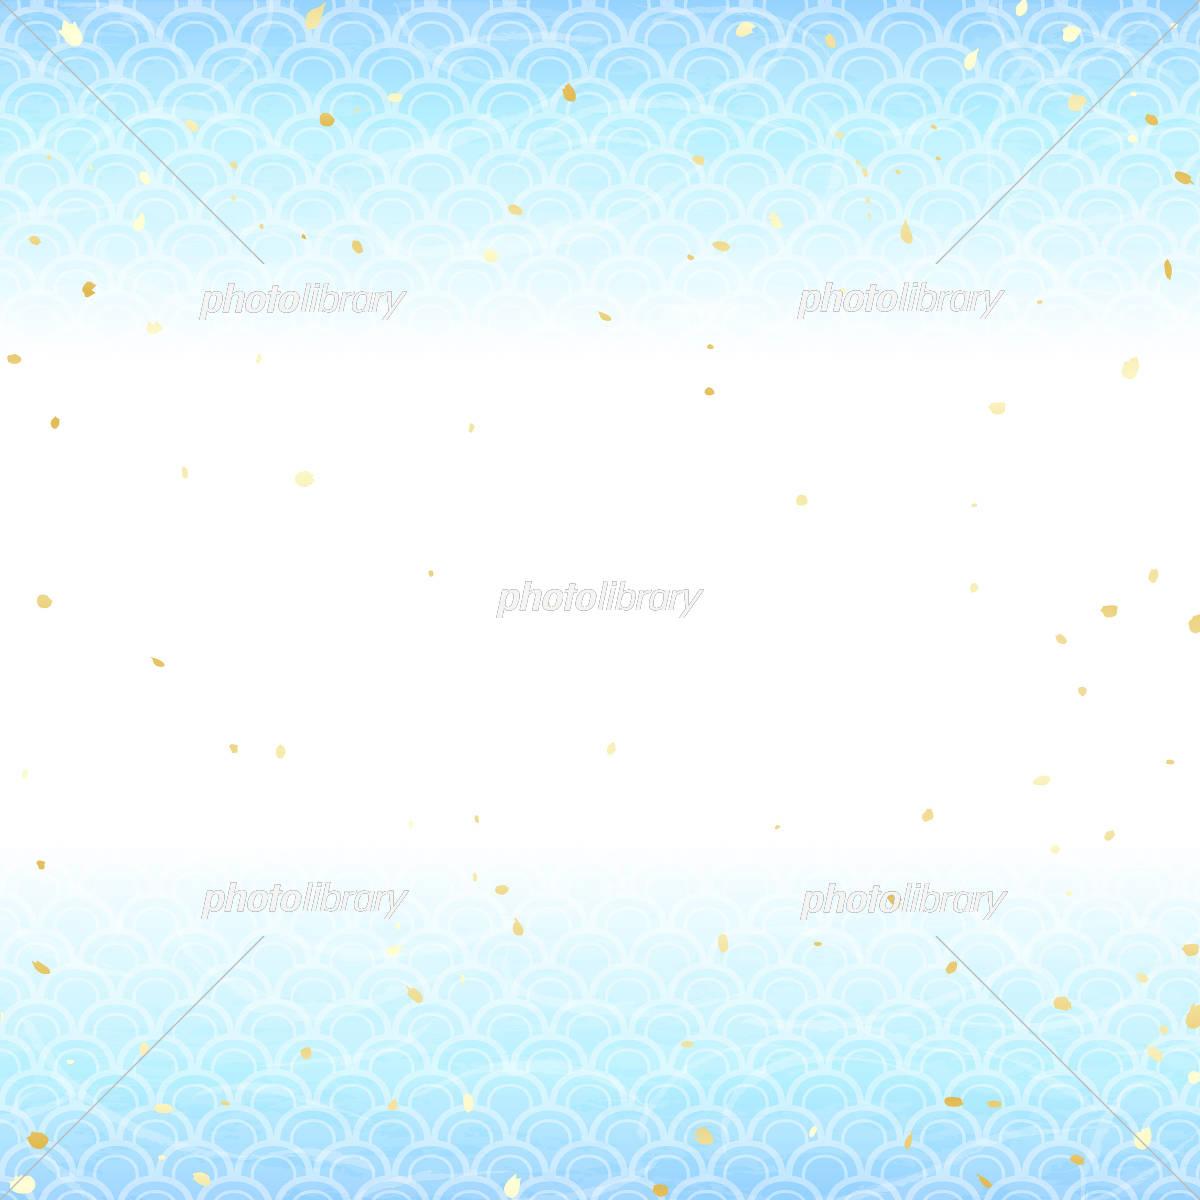 水色 波柄 背景 イラスト素材 5016225 フォトライブラリー